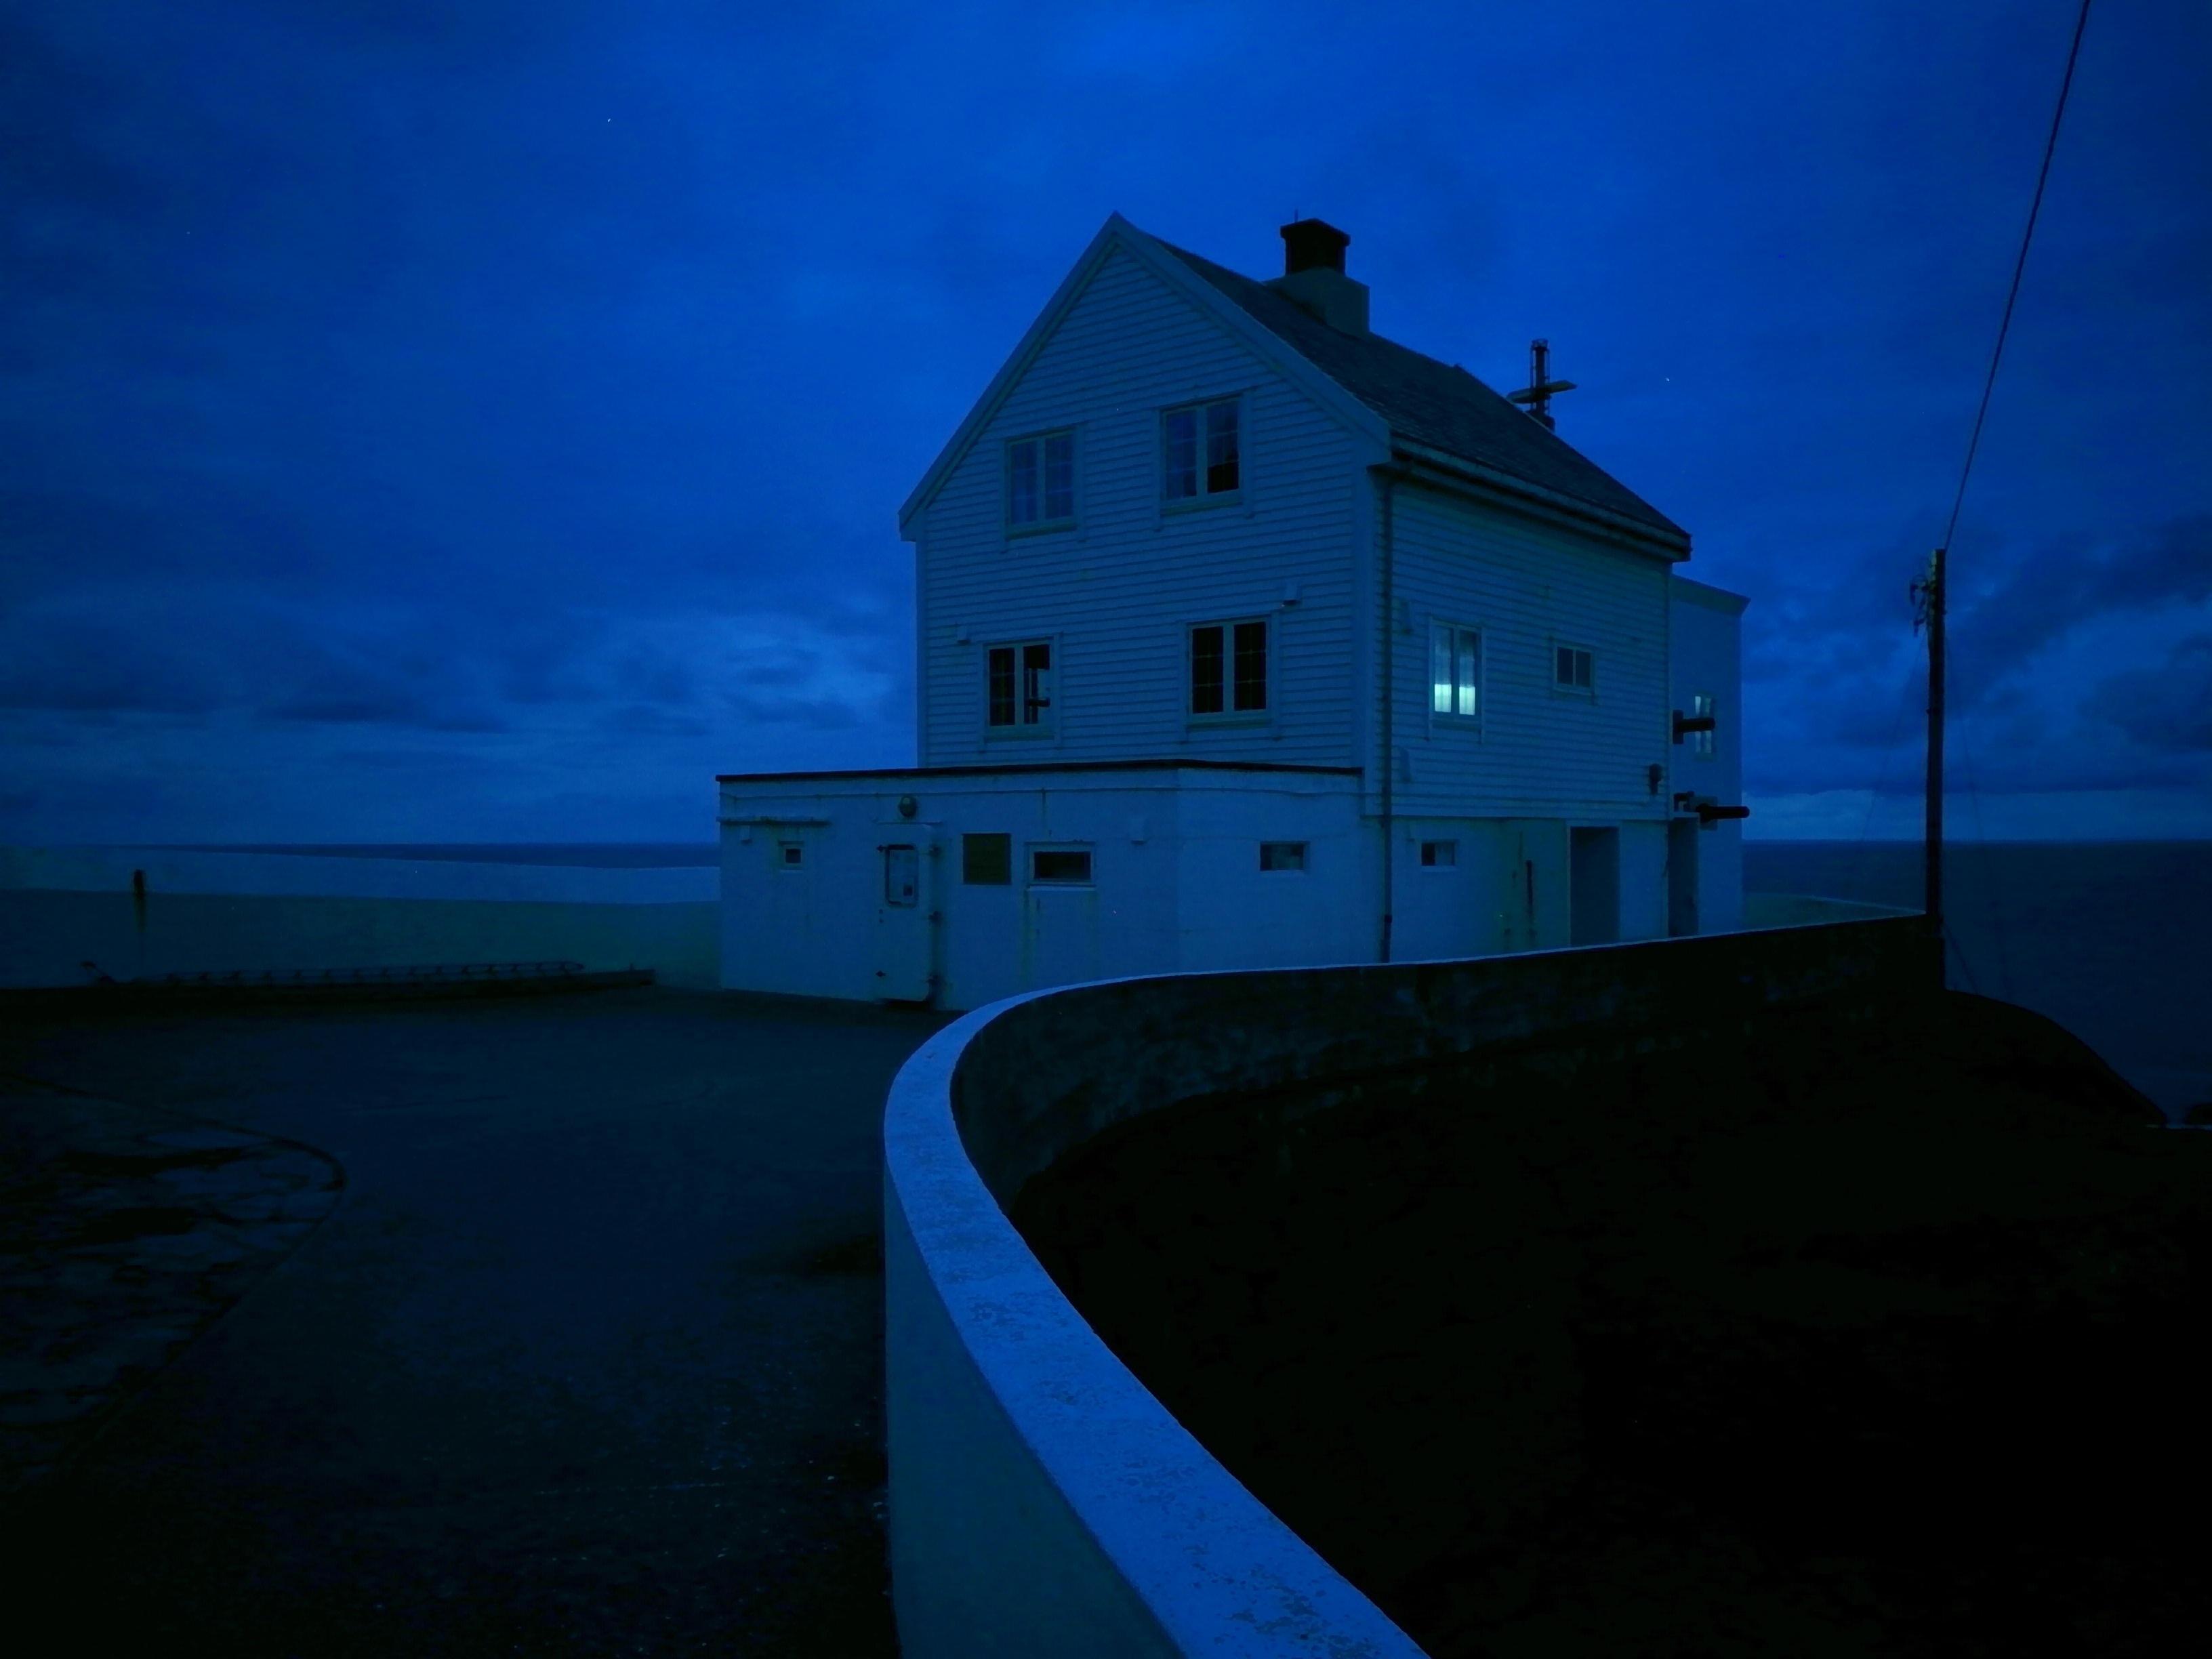 Nattmodusen stiller telefonkameraet automatisk slik at du kan ta lange eksponeringer med forholdsvis lite støy. Her var det så godt som bekmørkt.